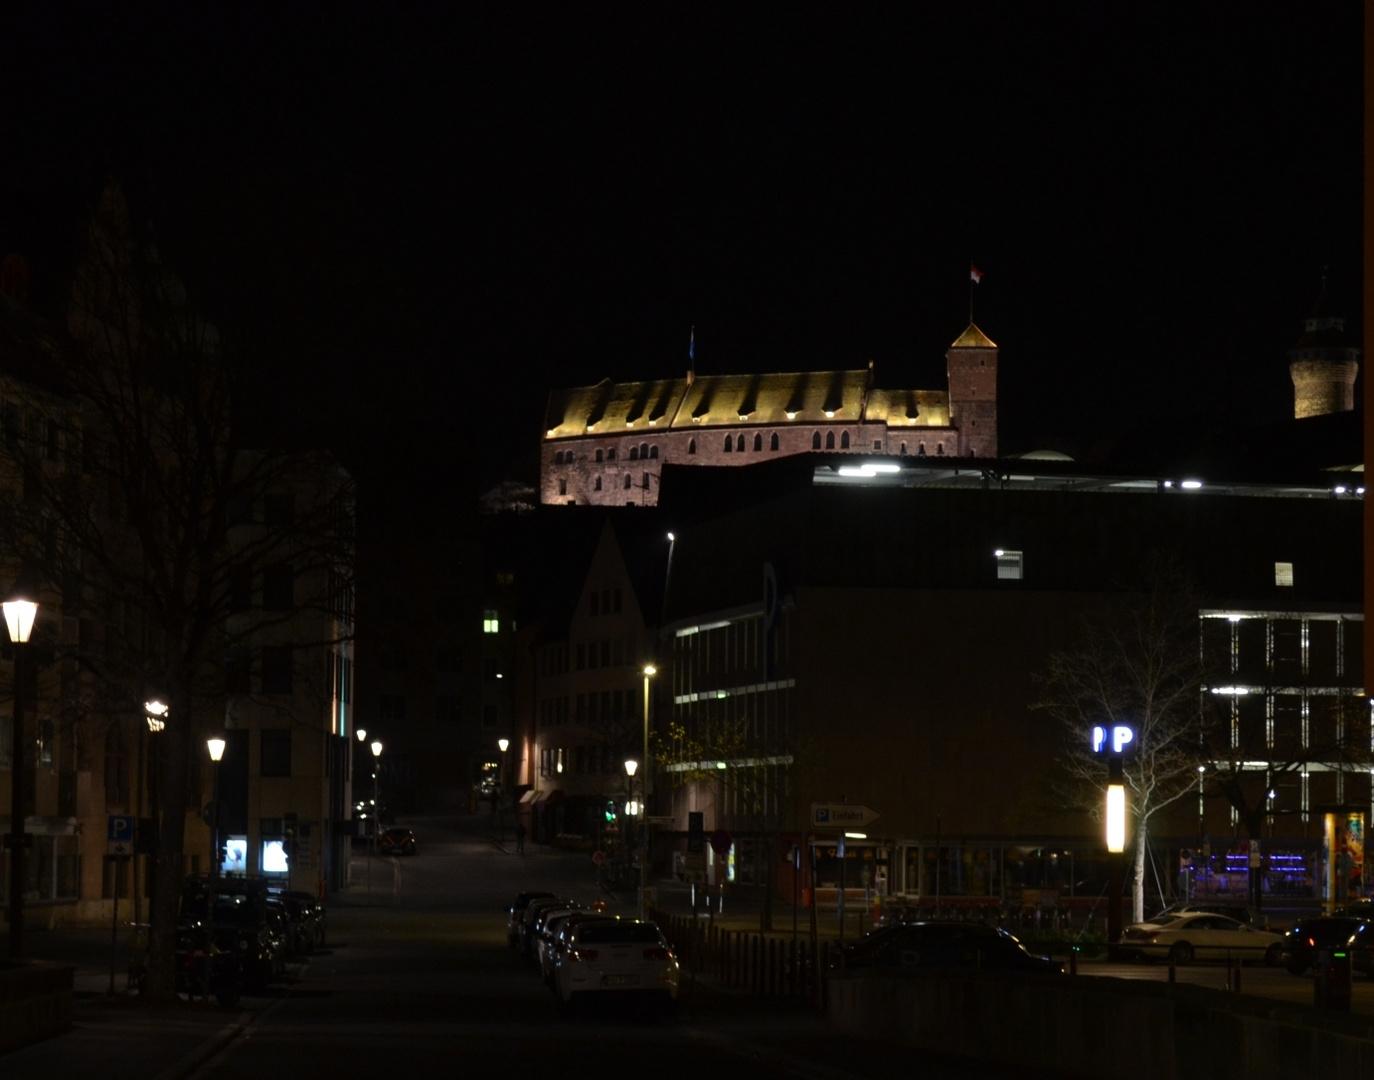 Kaiserburg Nachtaufnahme